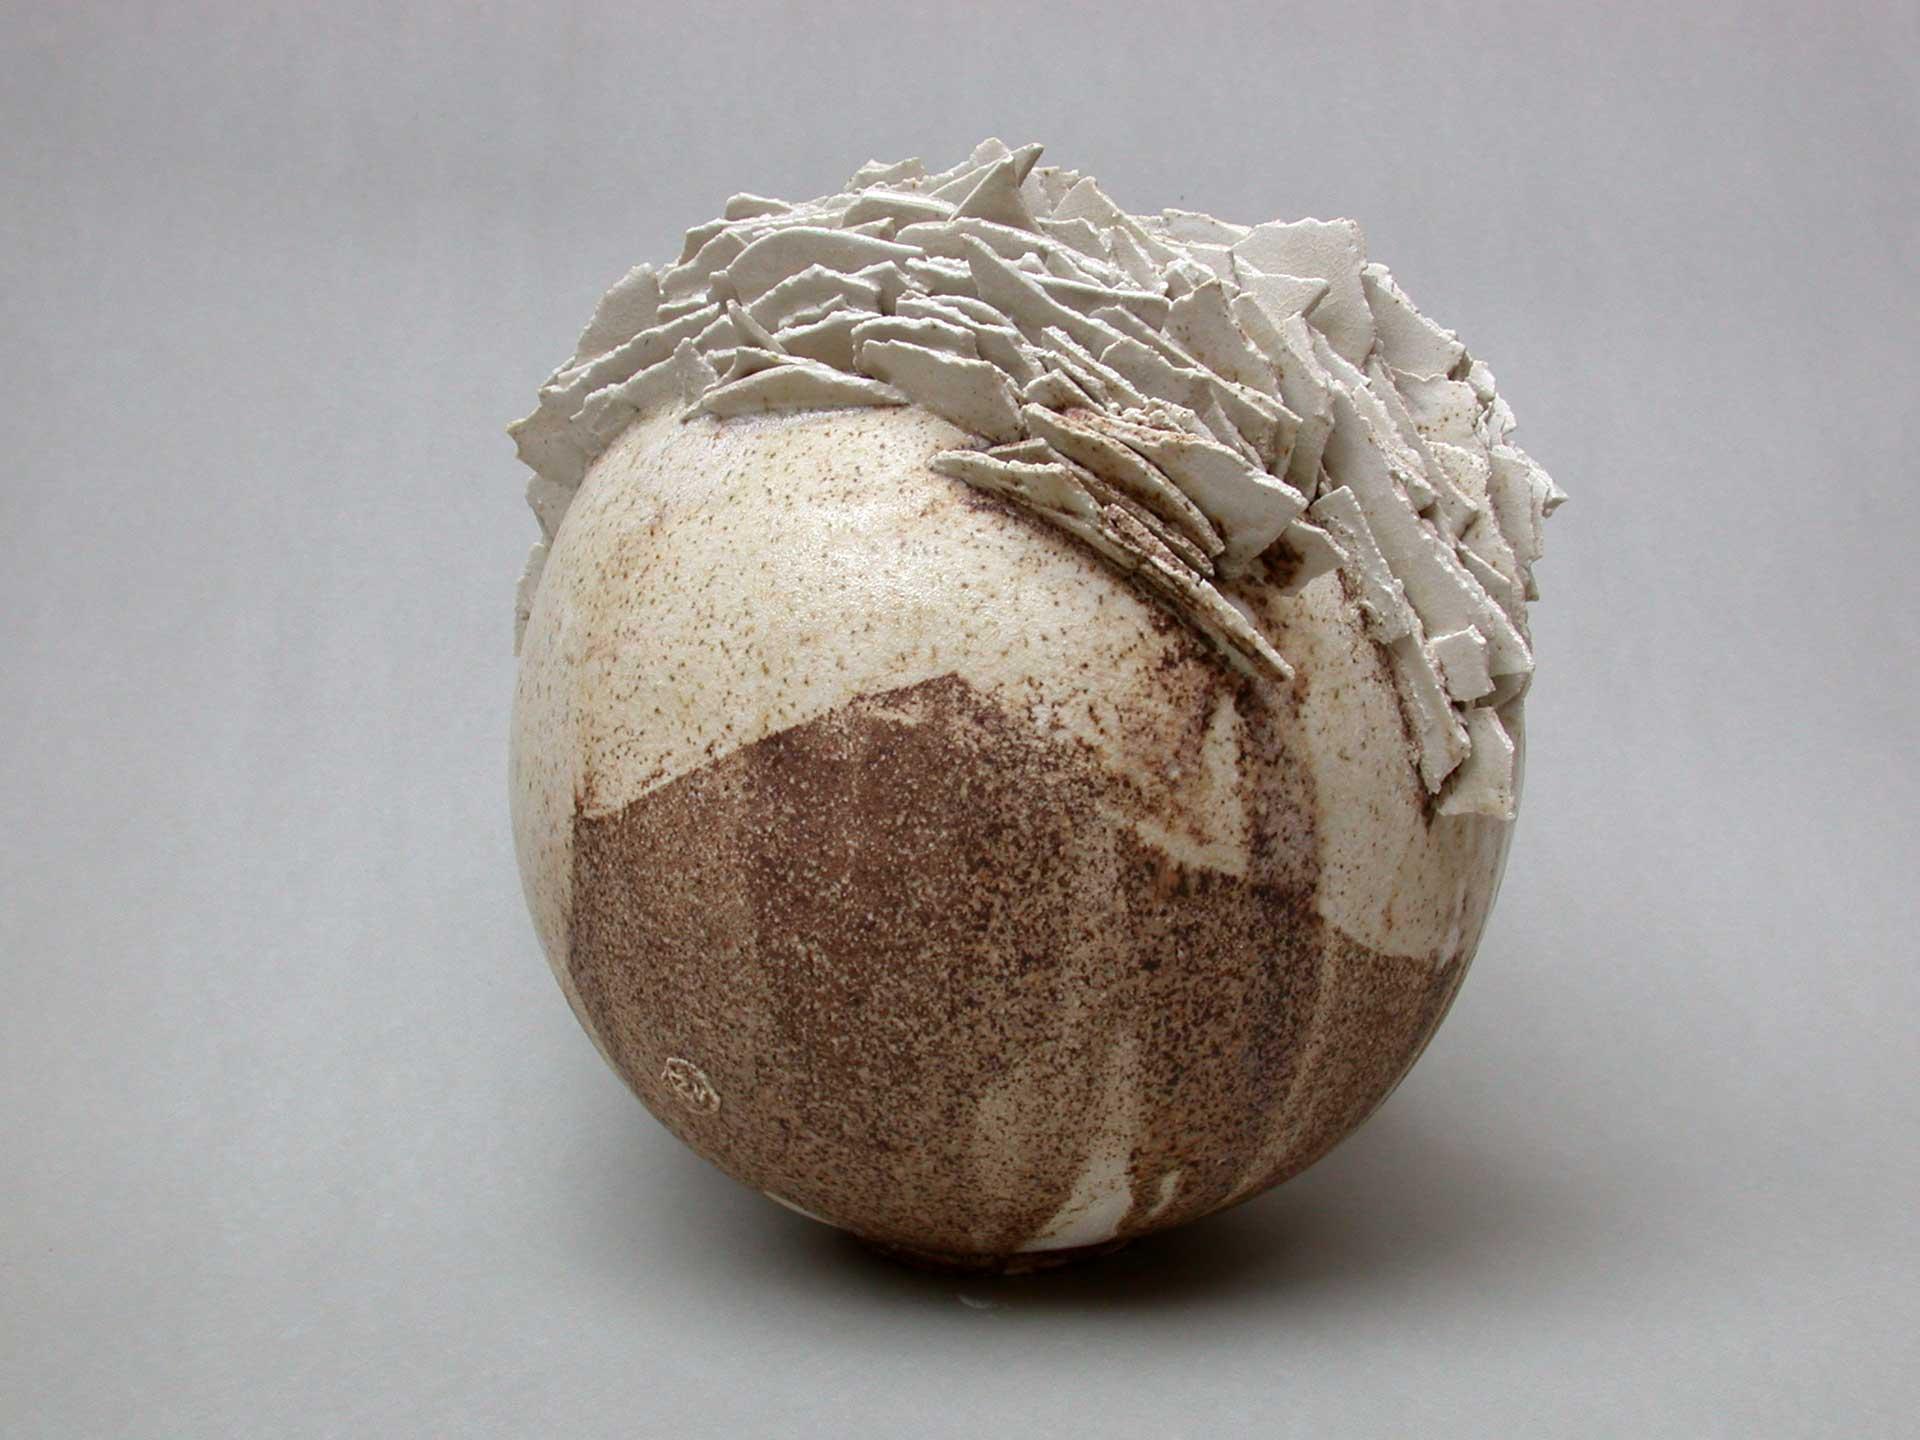 porcellana, smalto alla cenere - 2007